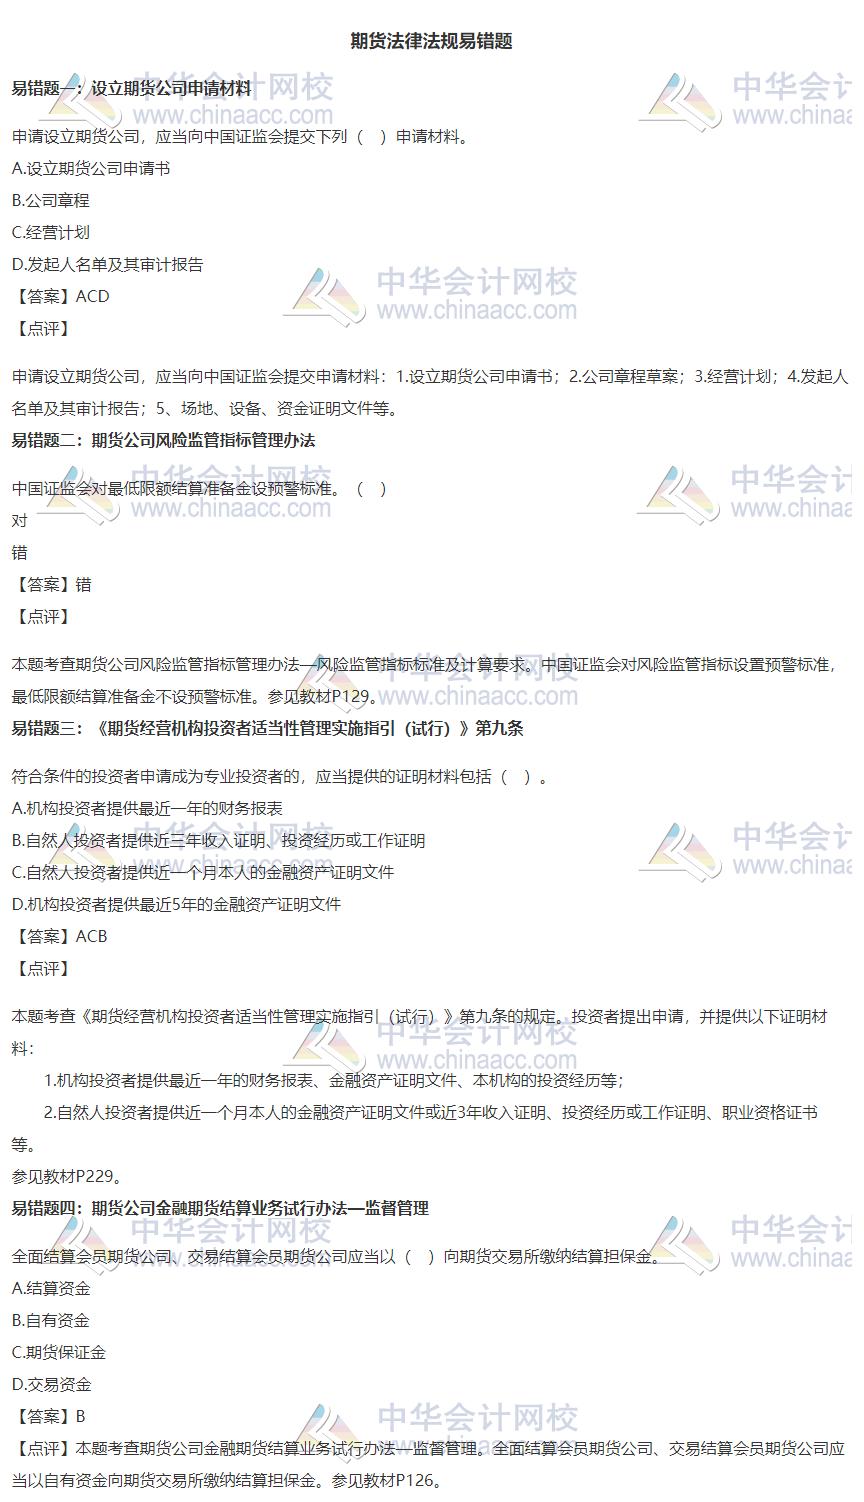 【易错题集锦】期货法律法规11月常见错题集锦